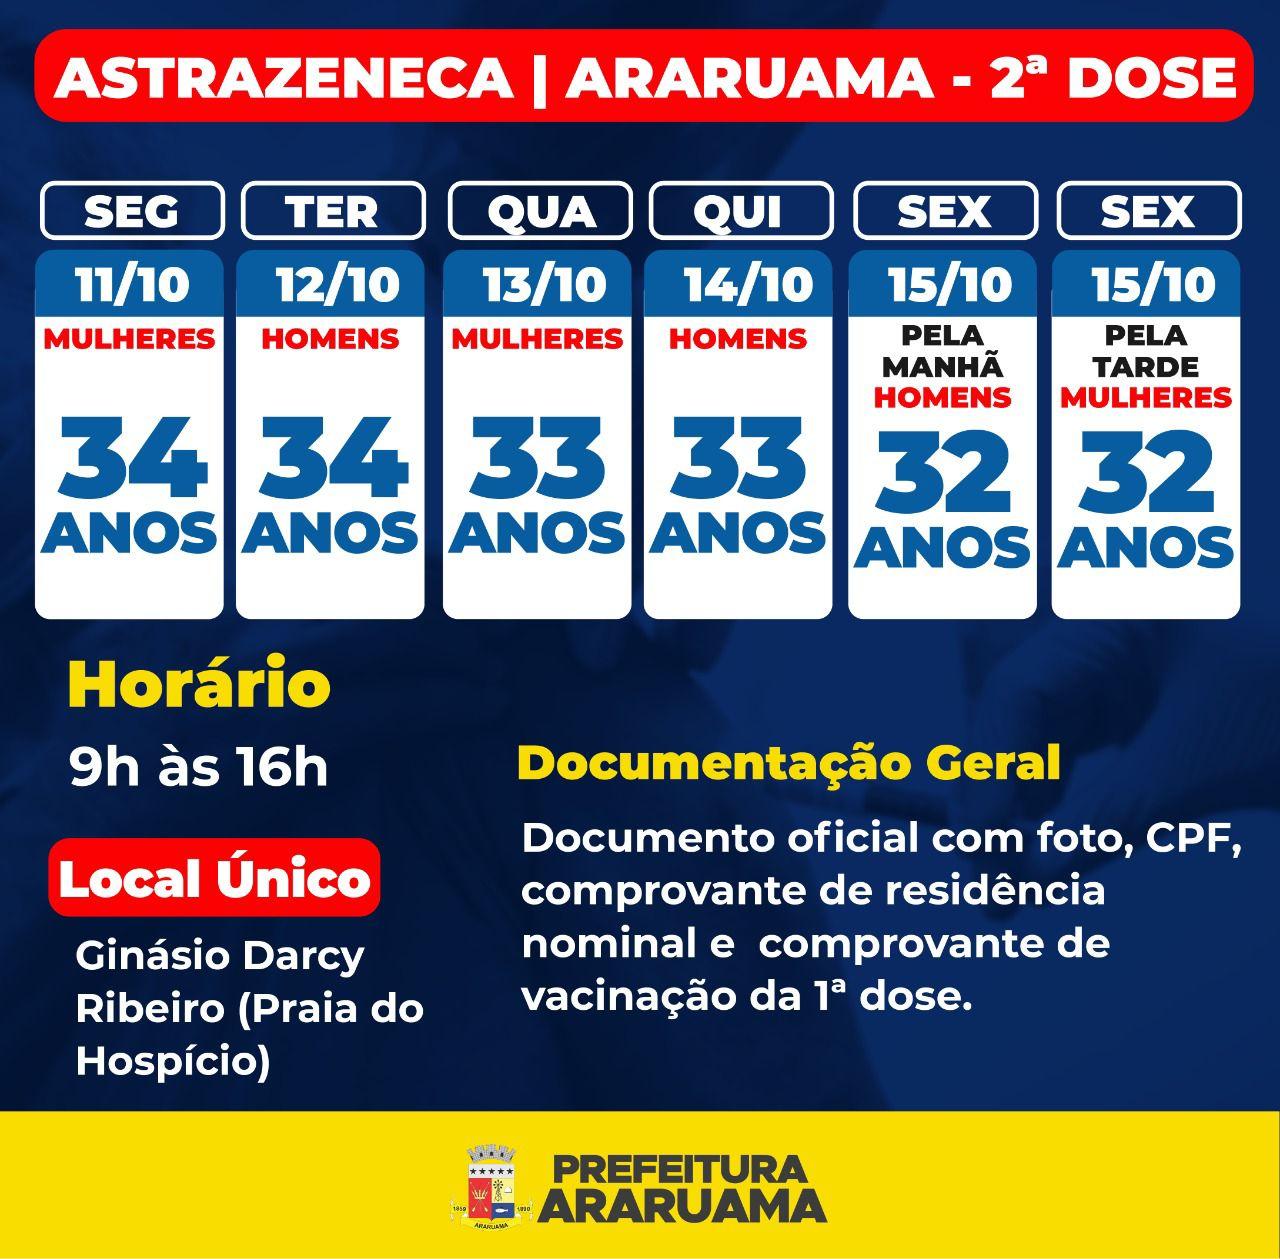 Calendário de vacinação da segunda dose para moradores de Araruama, de 32 a 34 anos